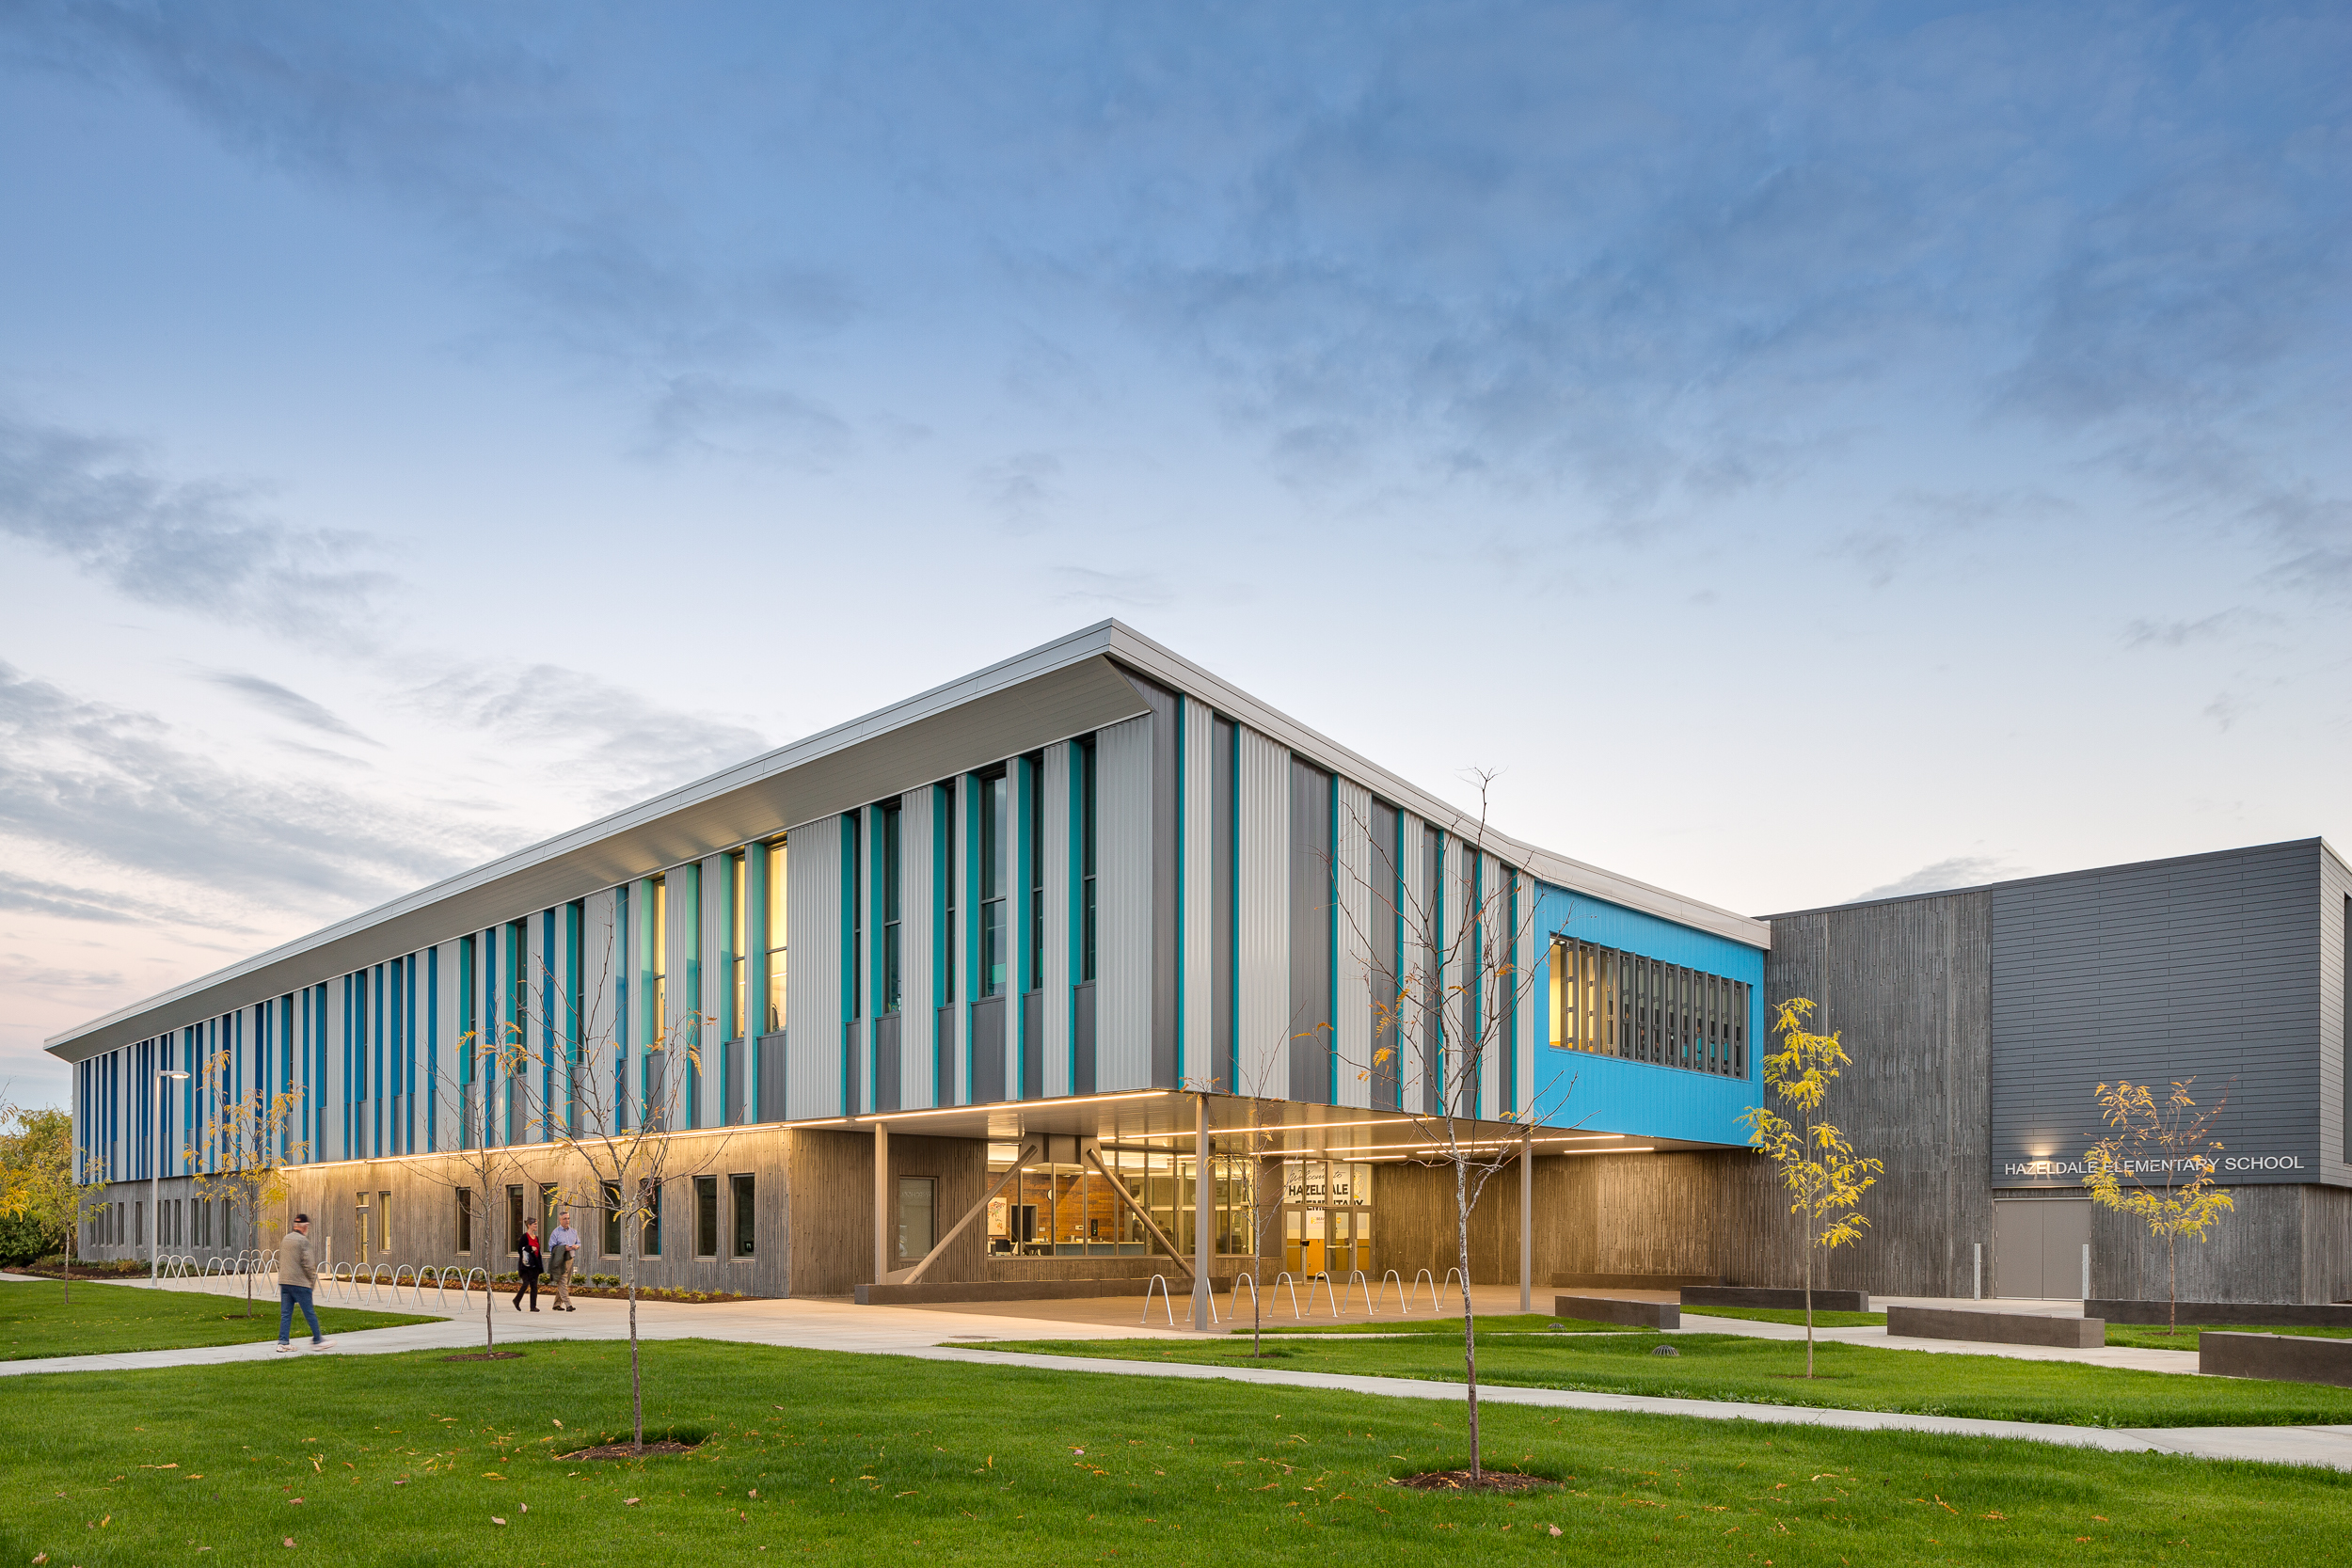 Hazeldale Elementary School / DLR Group